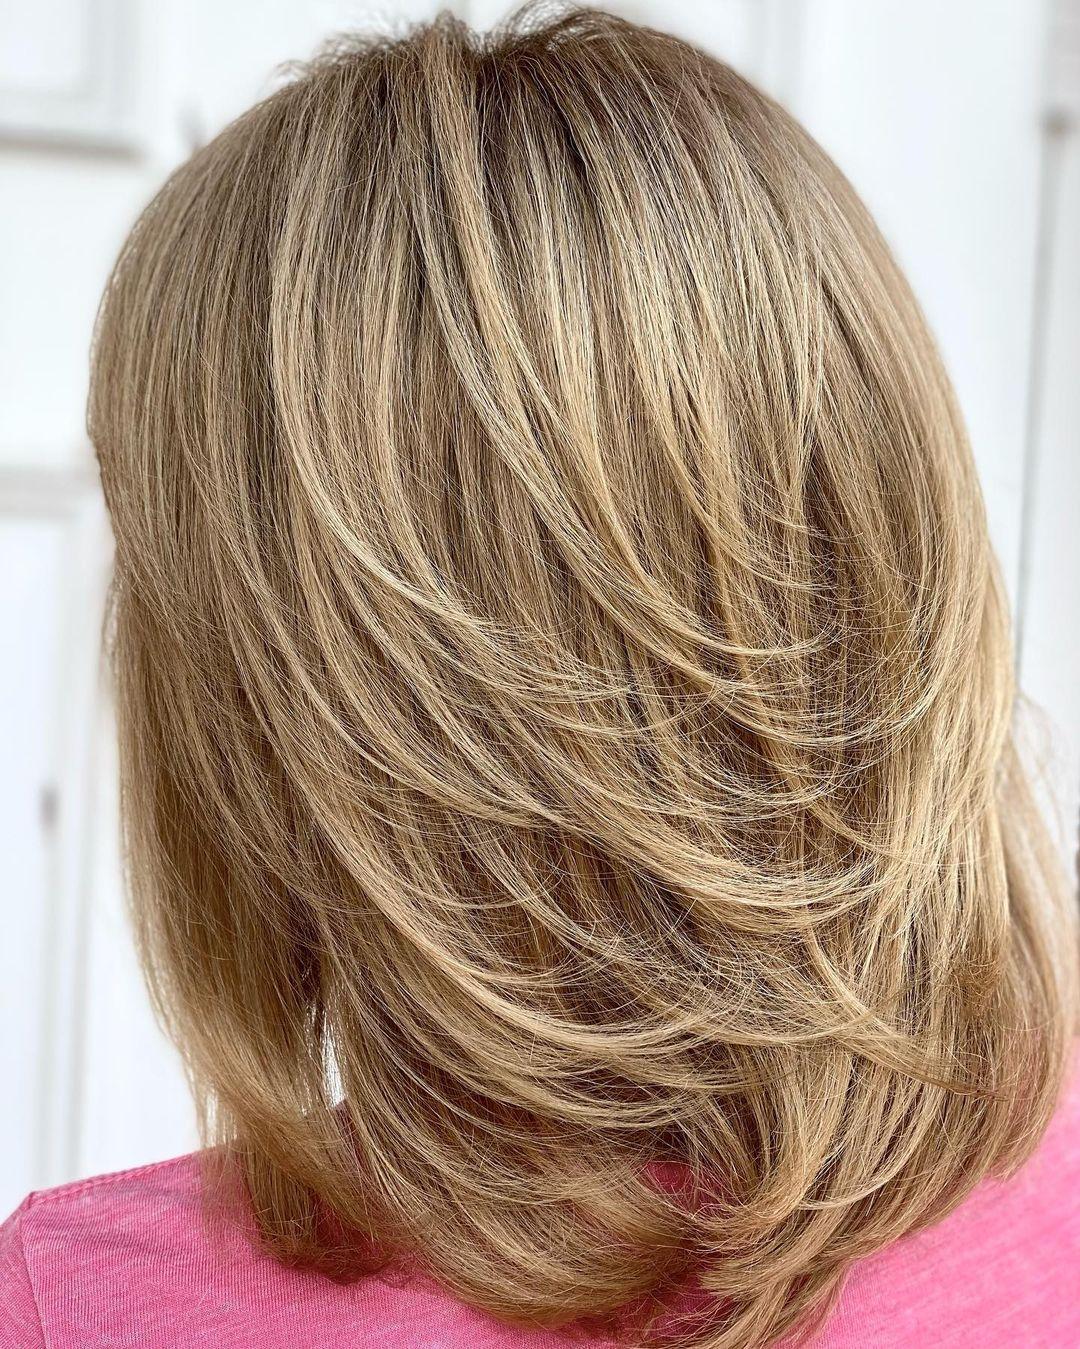 Feathered Mid-Length Hair